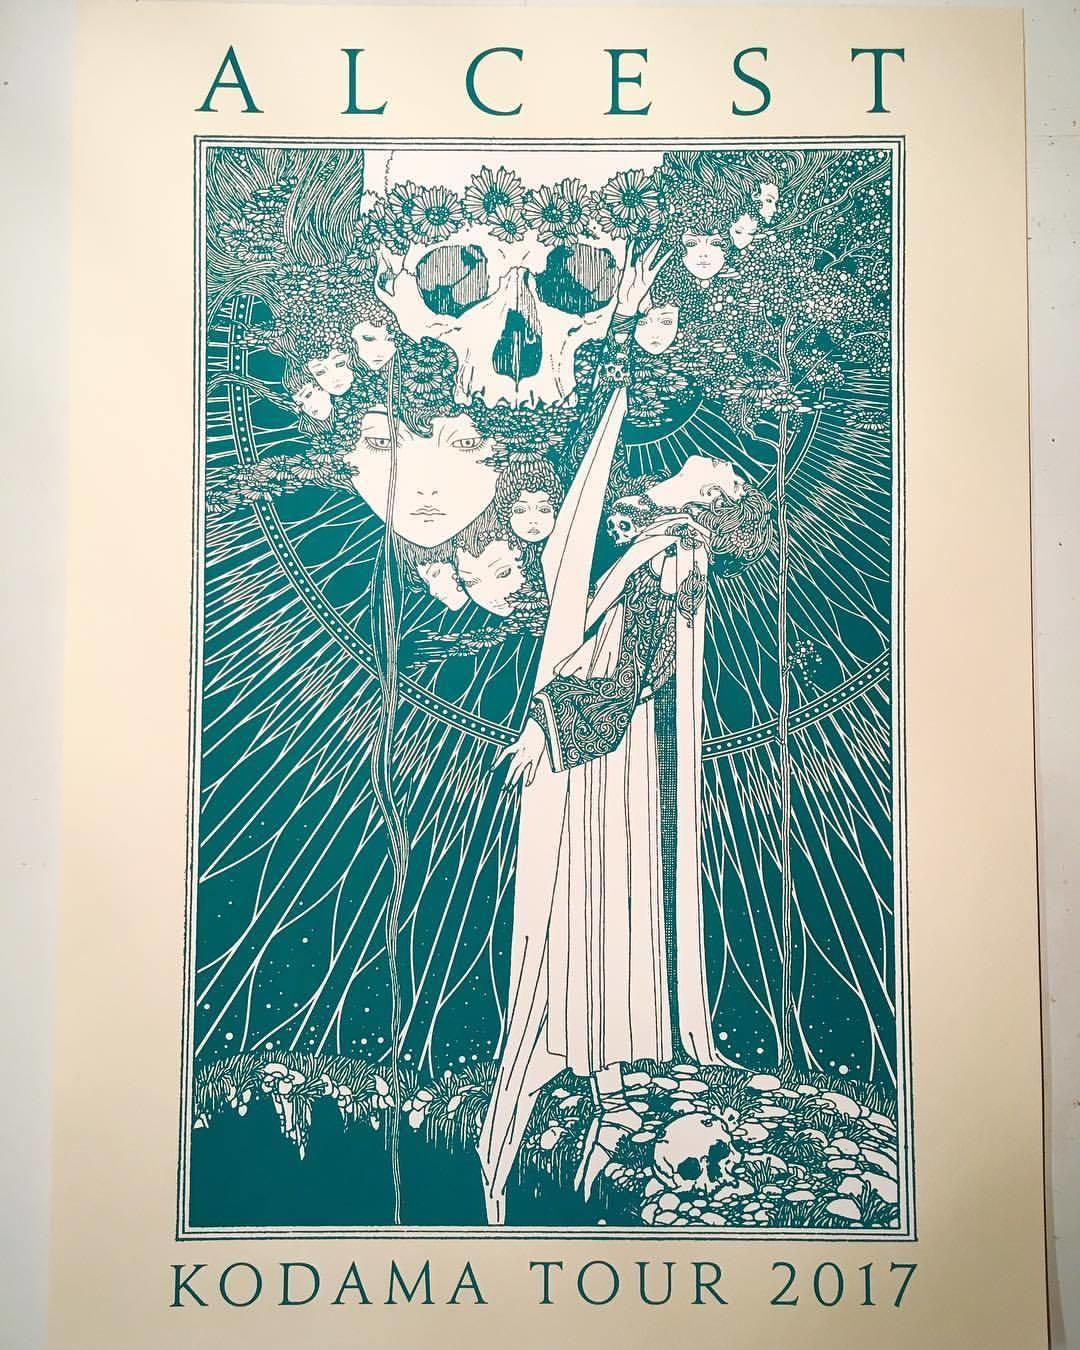 Alcest Kodama Tour Poster